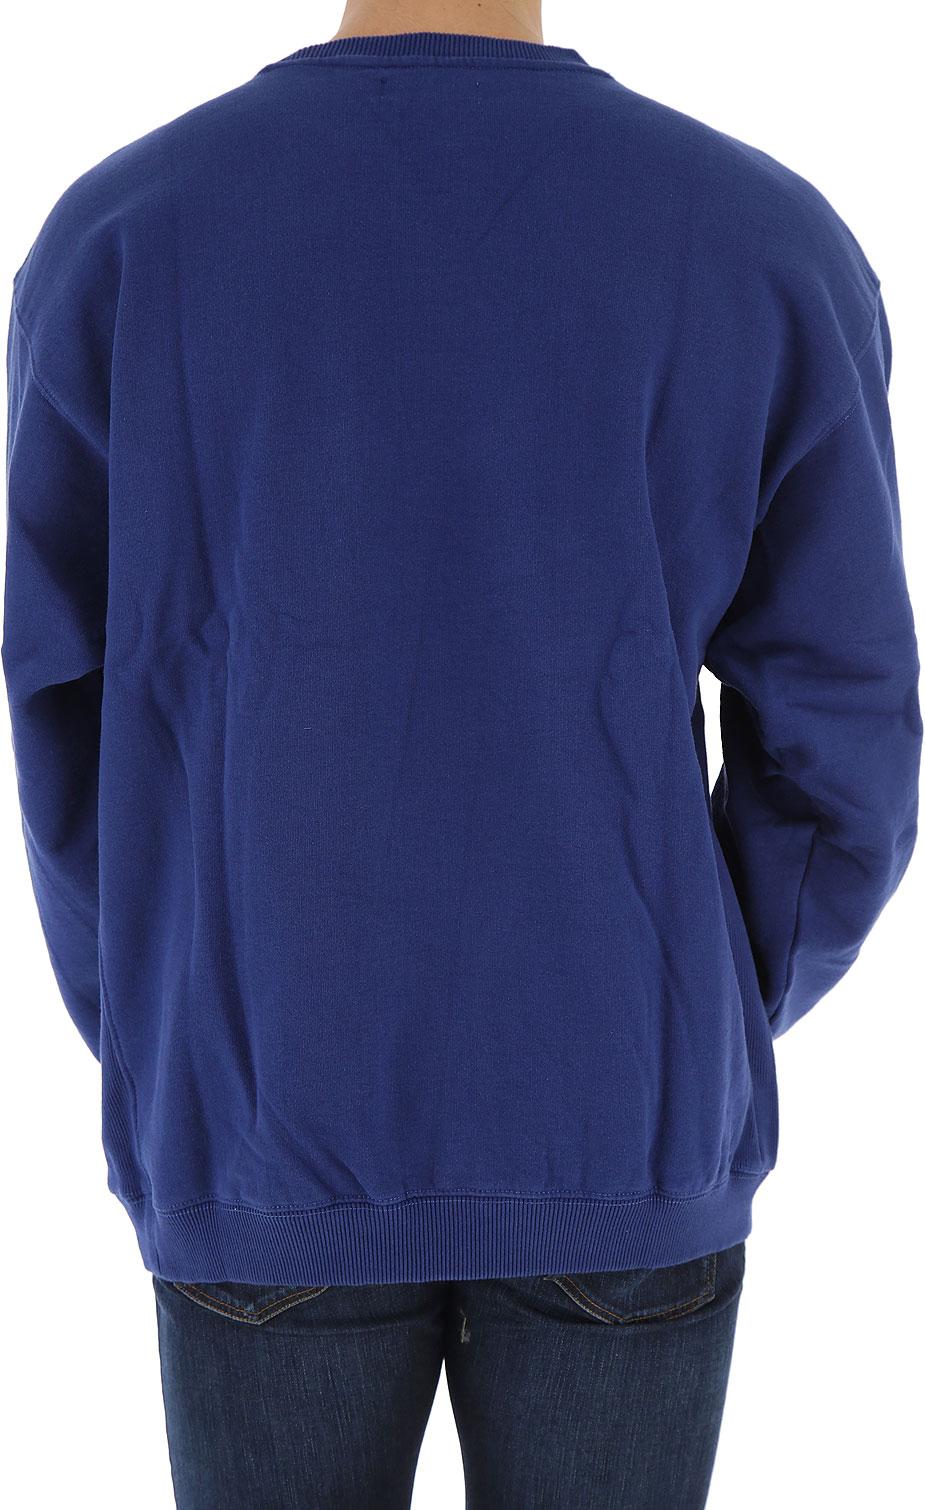 Abbigliamento Uomo Calvin Klein, Codice Articolo: j30j307522-407-